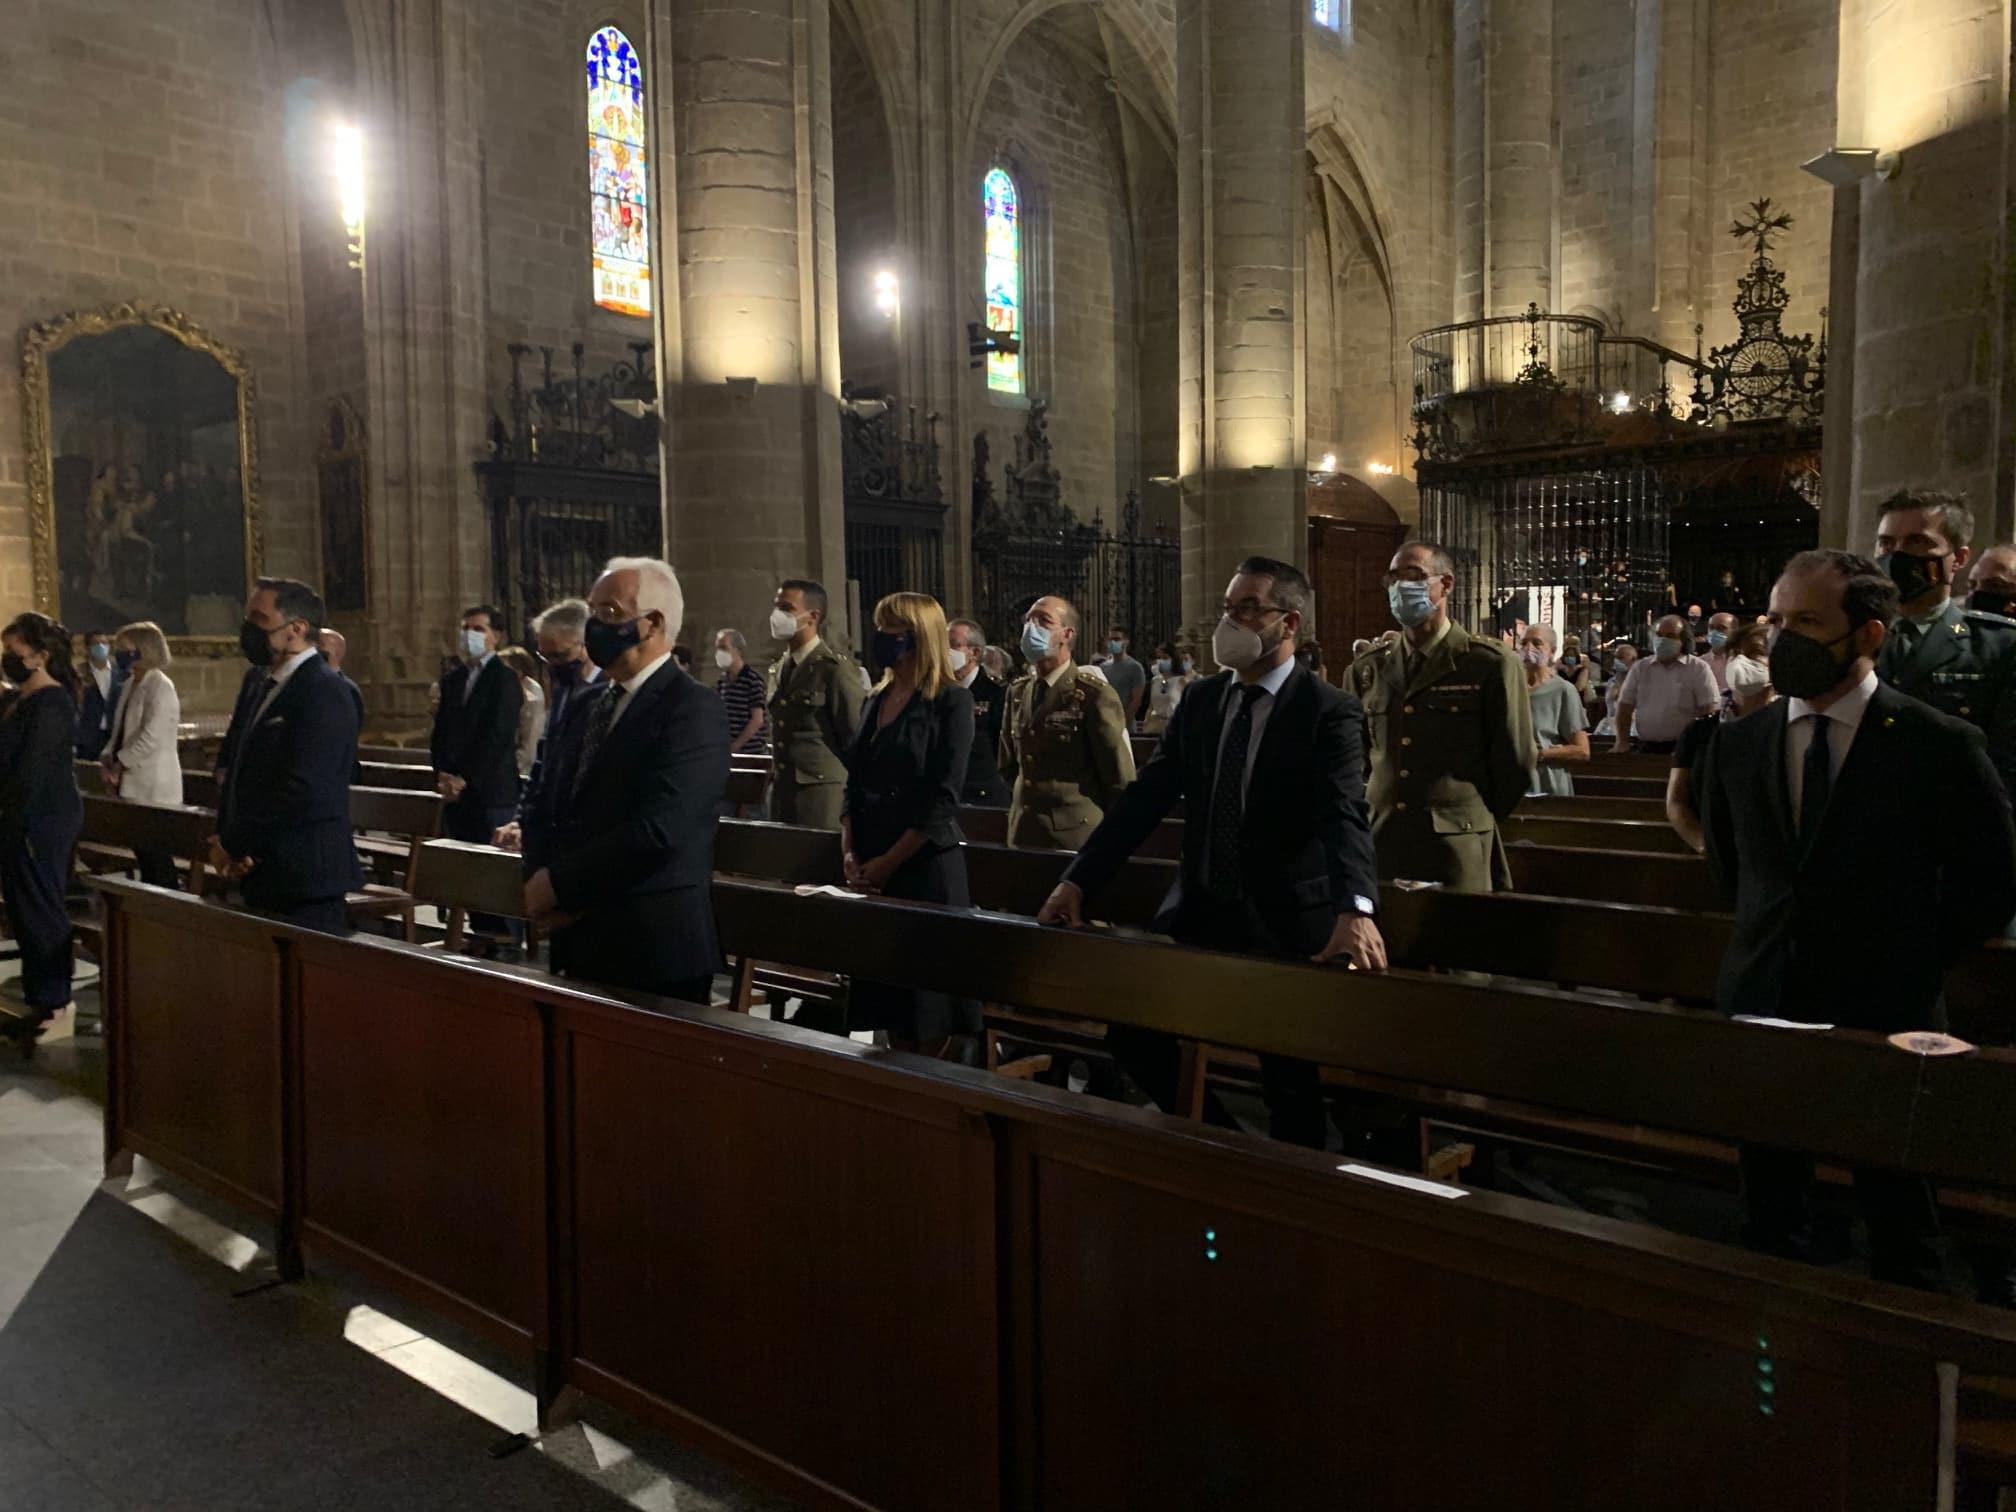 La Rioja rinde homenaje a las víctimas de la pandemia con una misa funeral 1